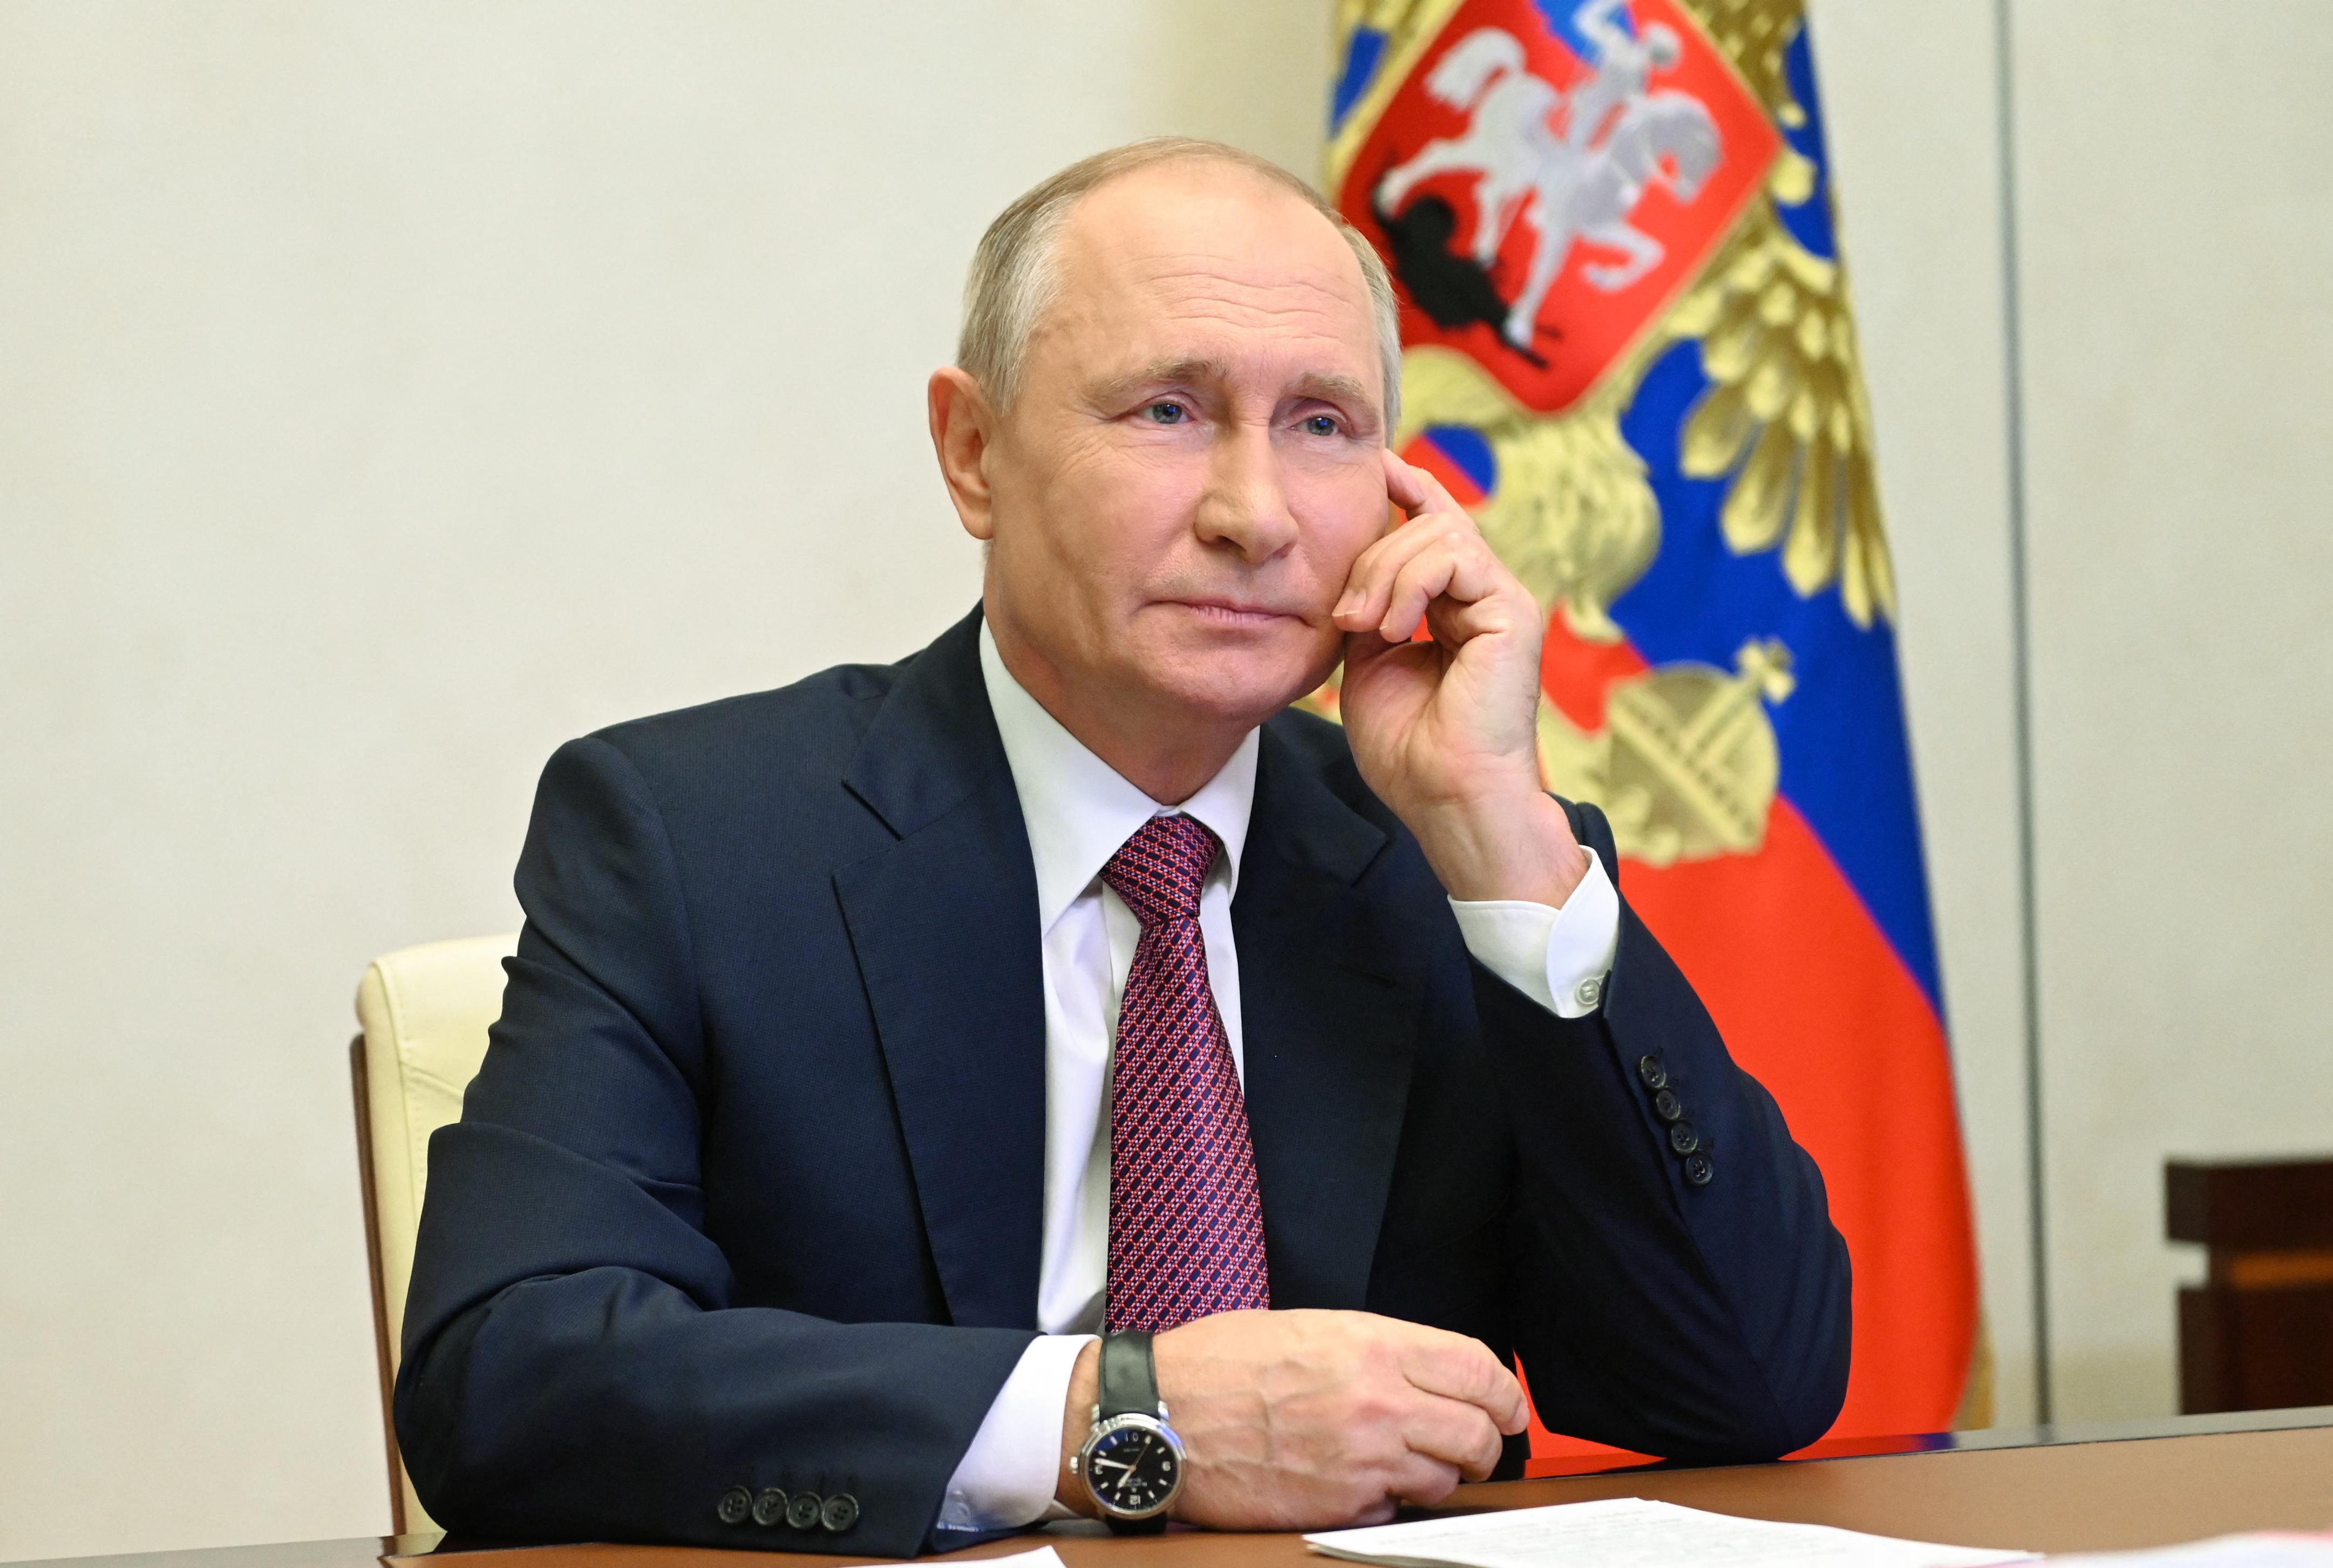 Úgy tűnik, hogy Putyinék nyerték az orosz parlamenti választást